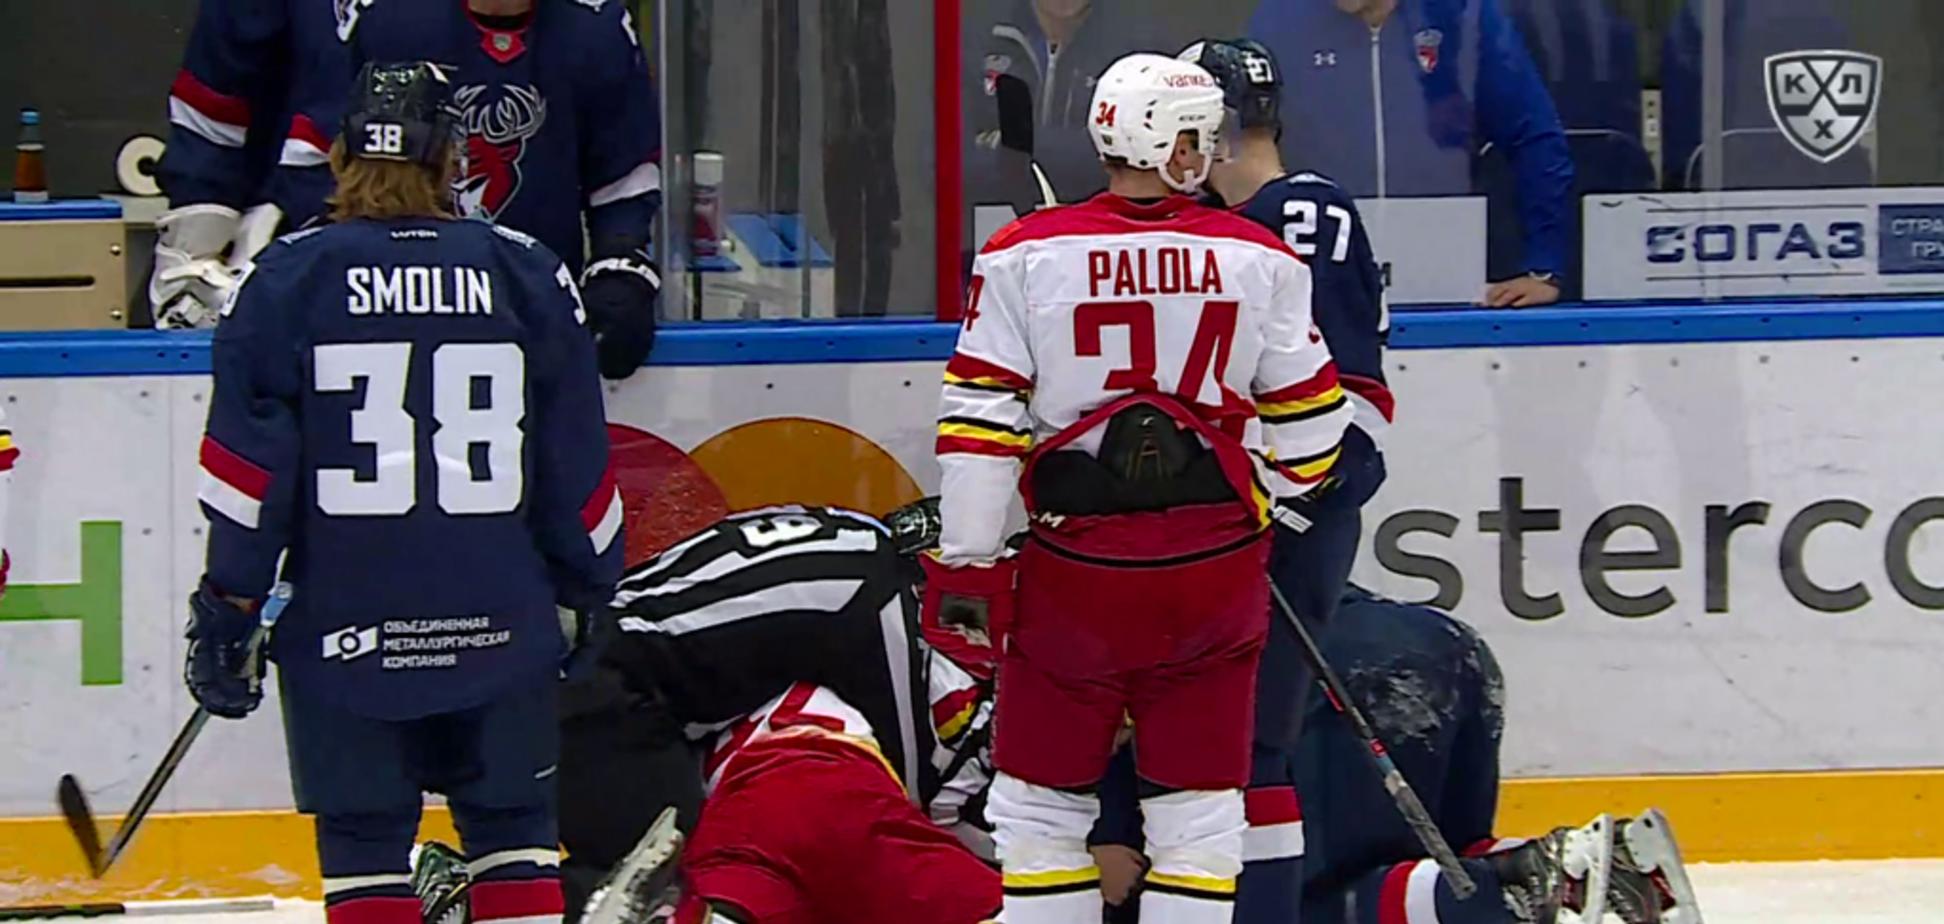 Канадец за минуту отправил в нокдаун двух российских хоккеистов